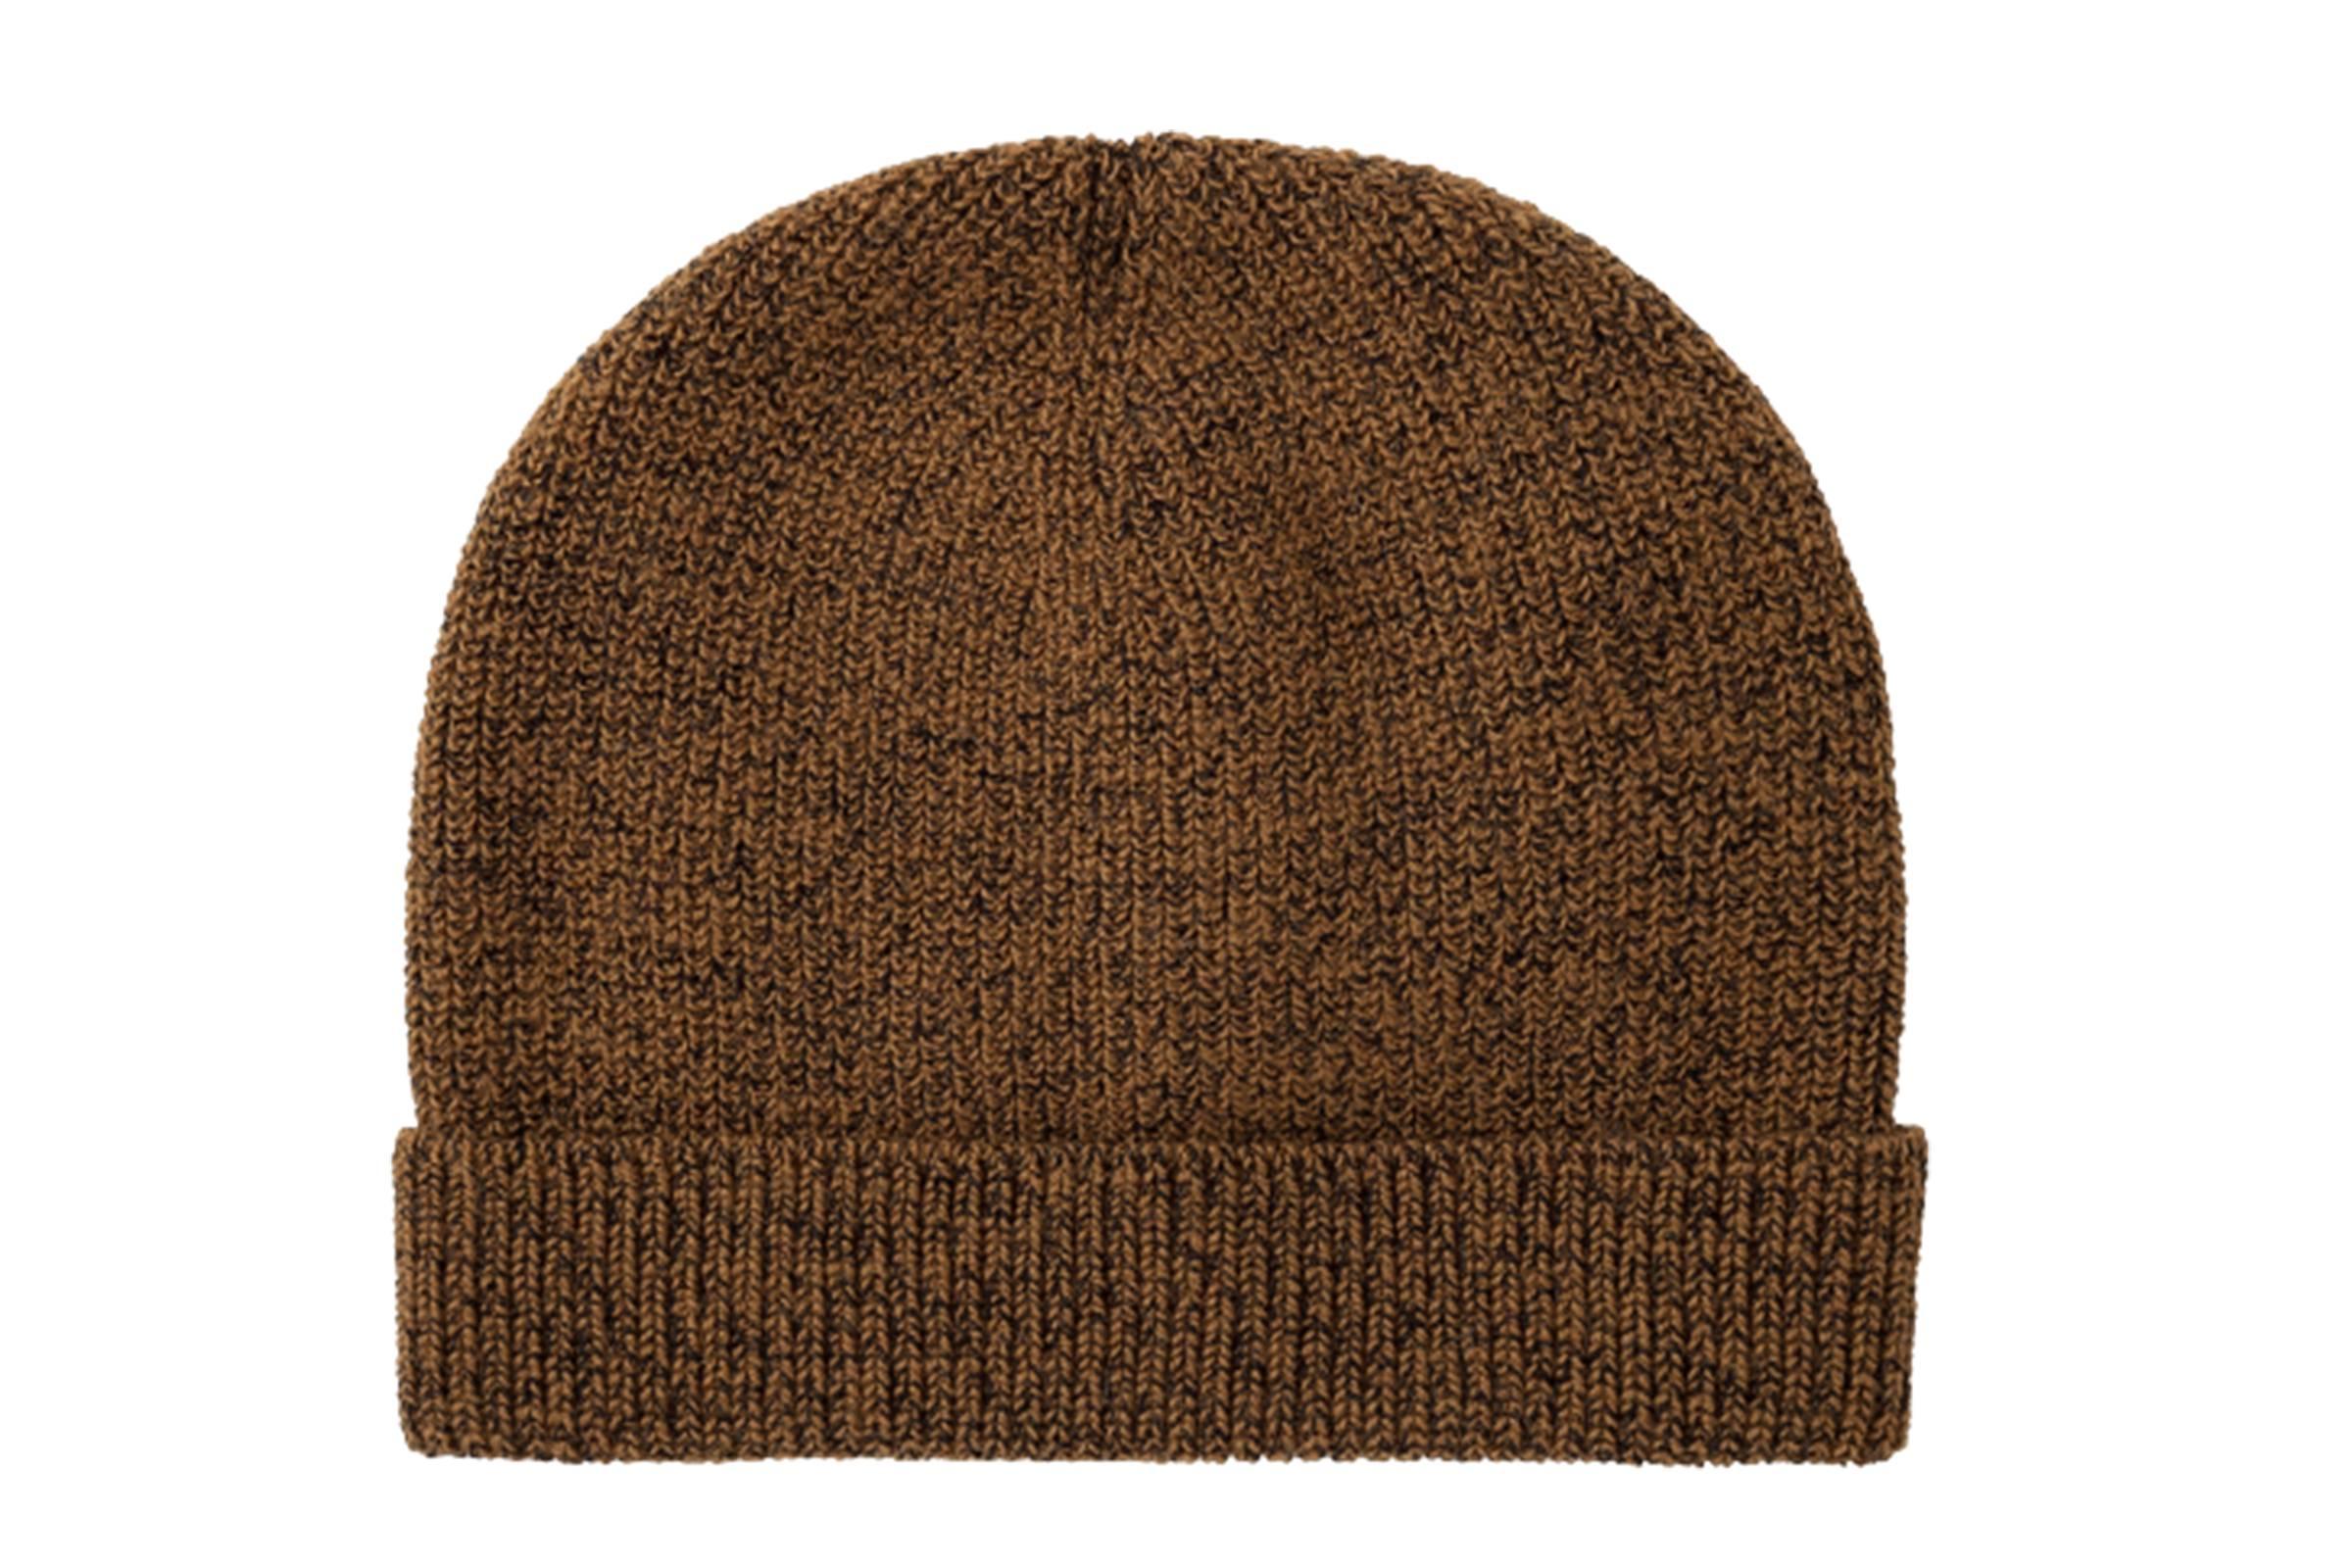 12. Uniqlo U Knitted Cap